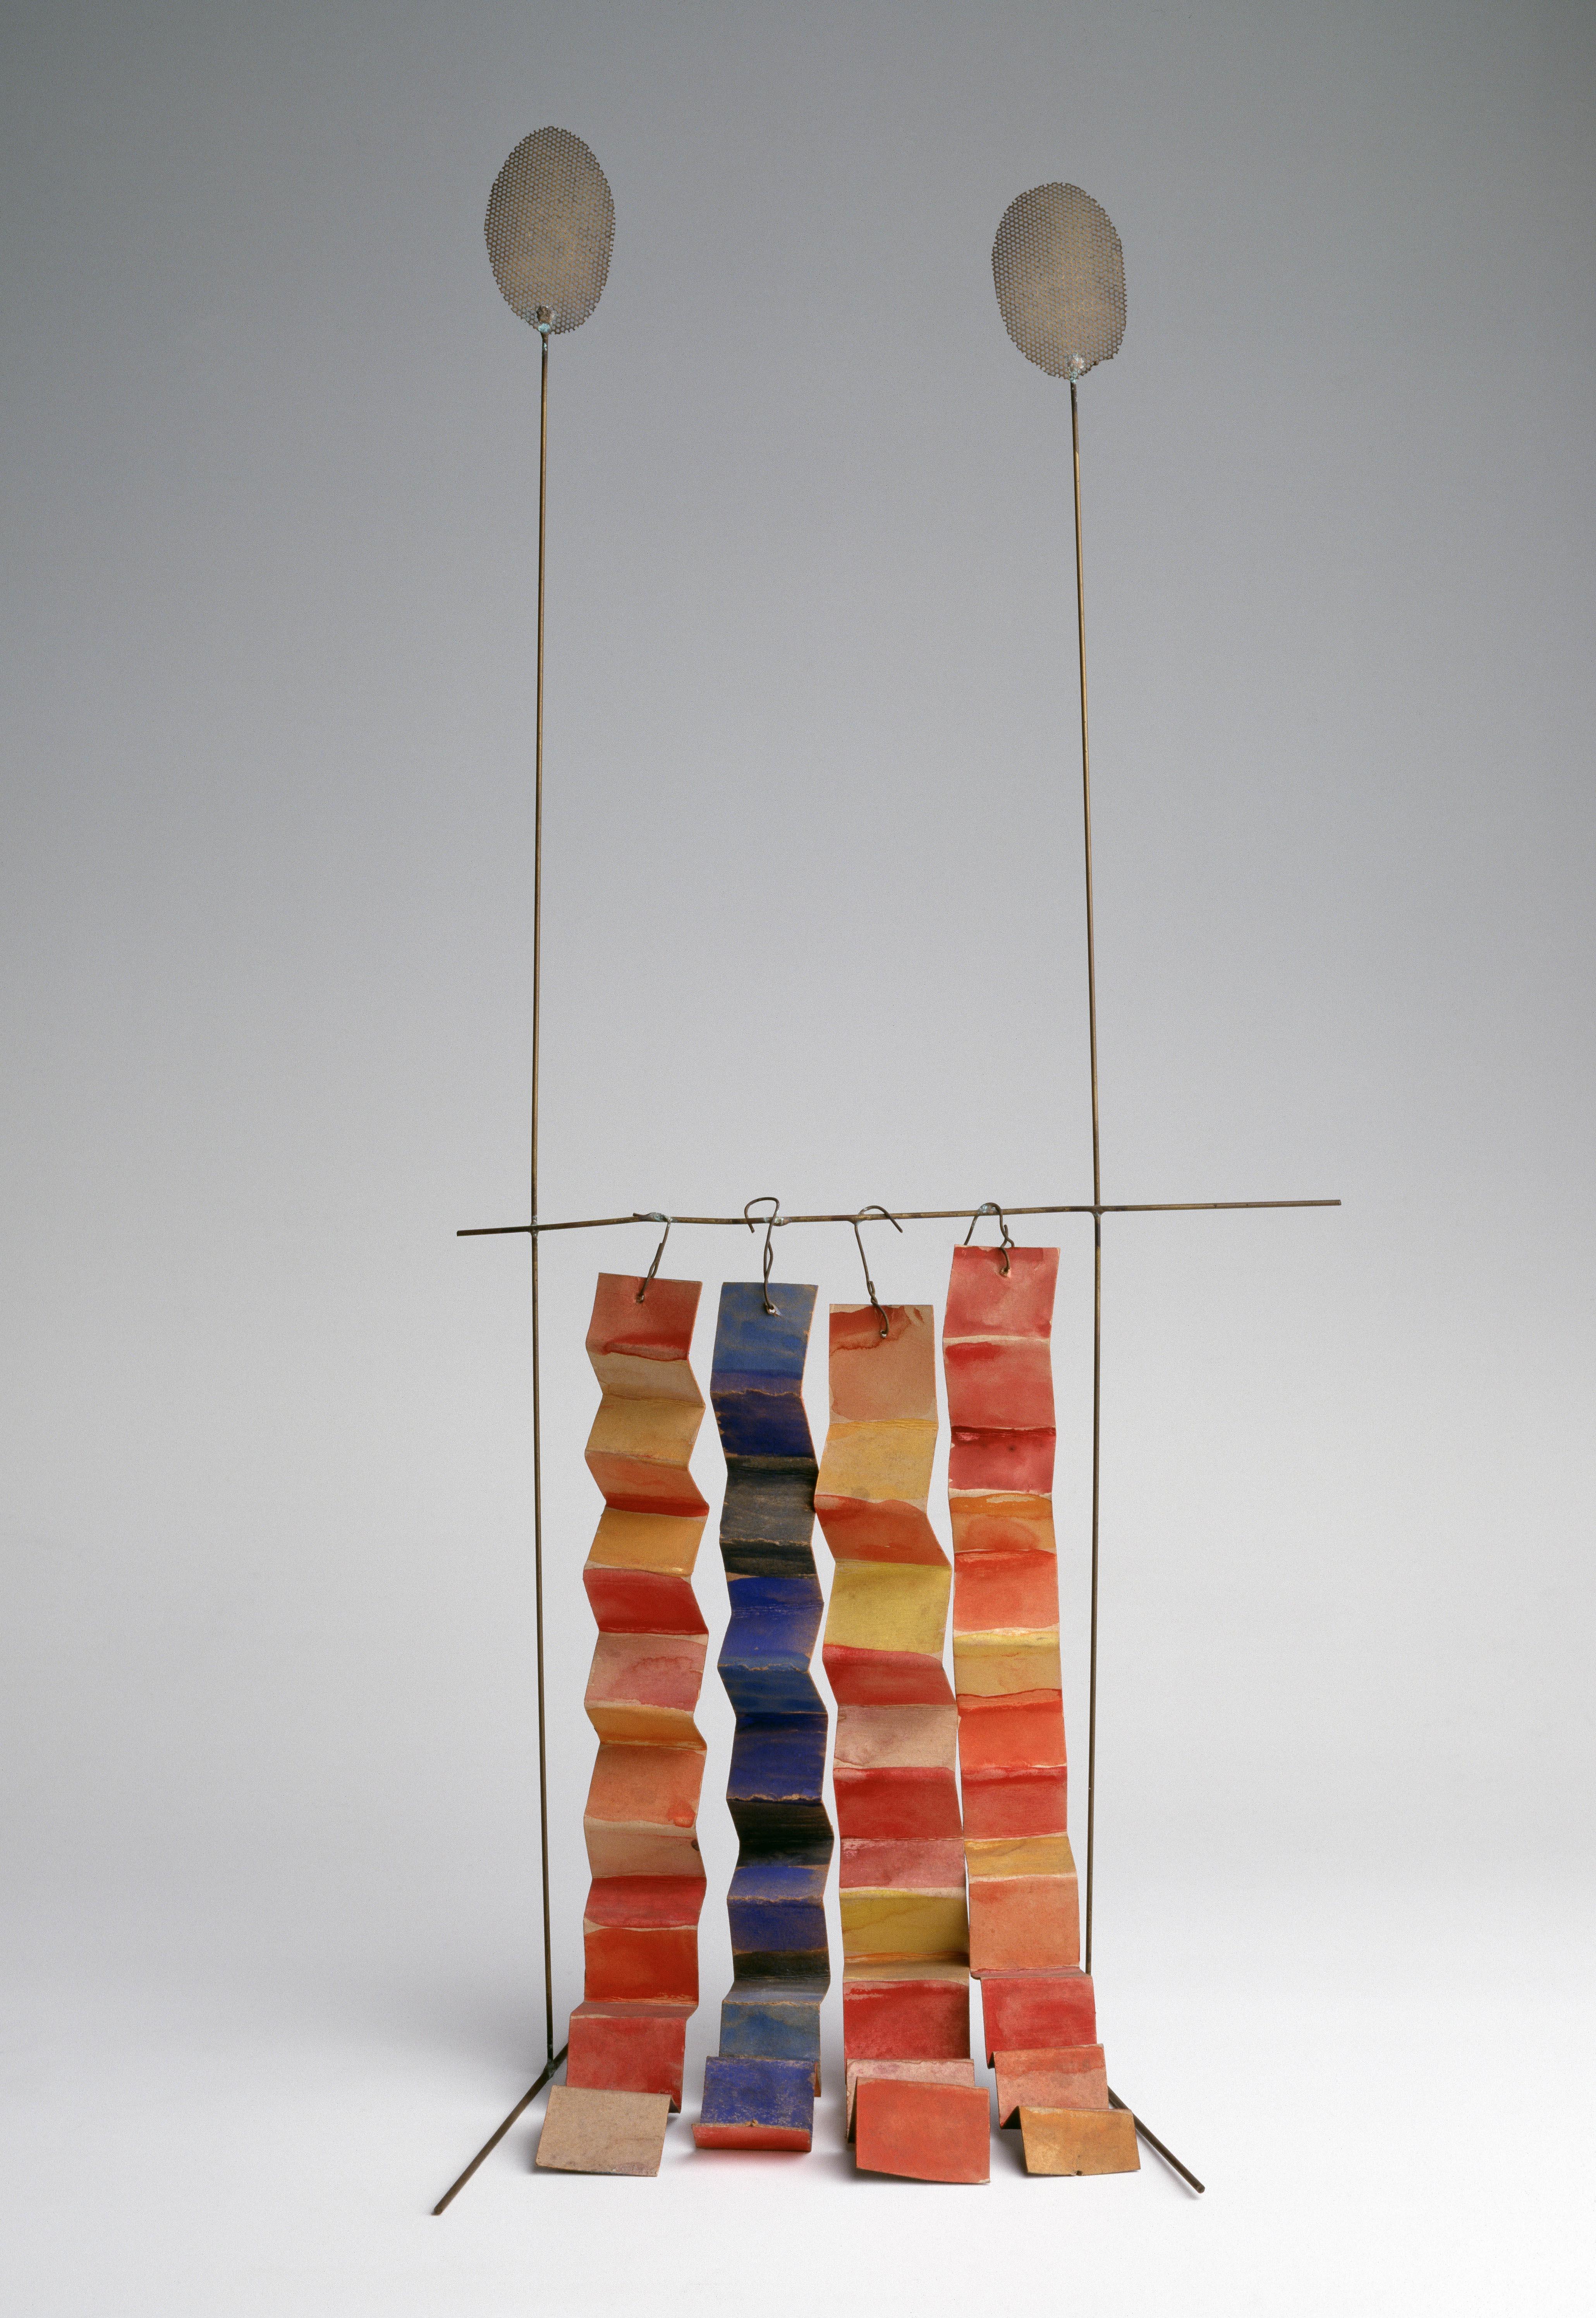 Fausto Melotti in mostra DALLA TERRA ALLA LUNA  a Palazzo Madama Torino